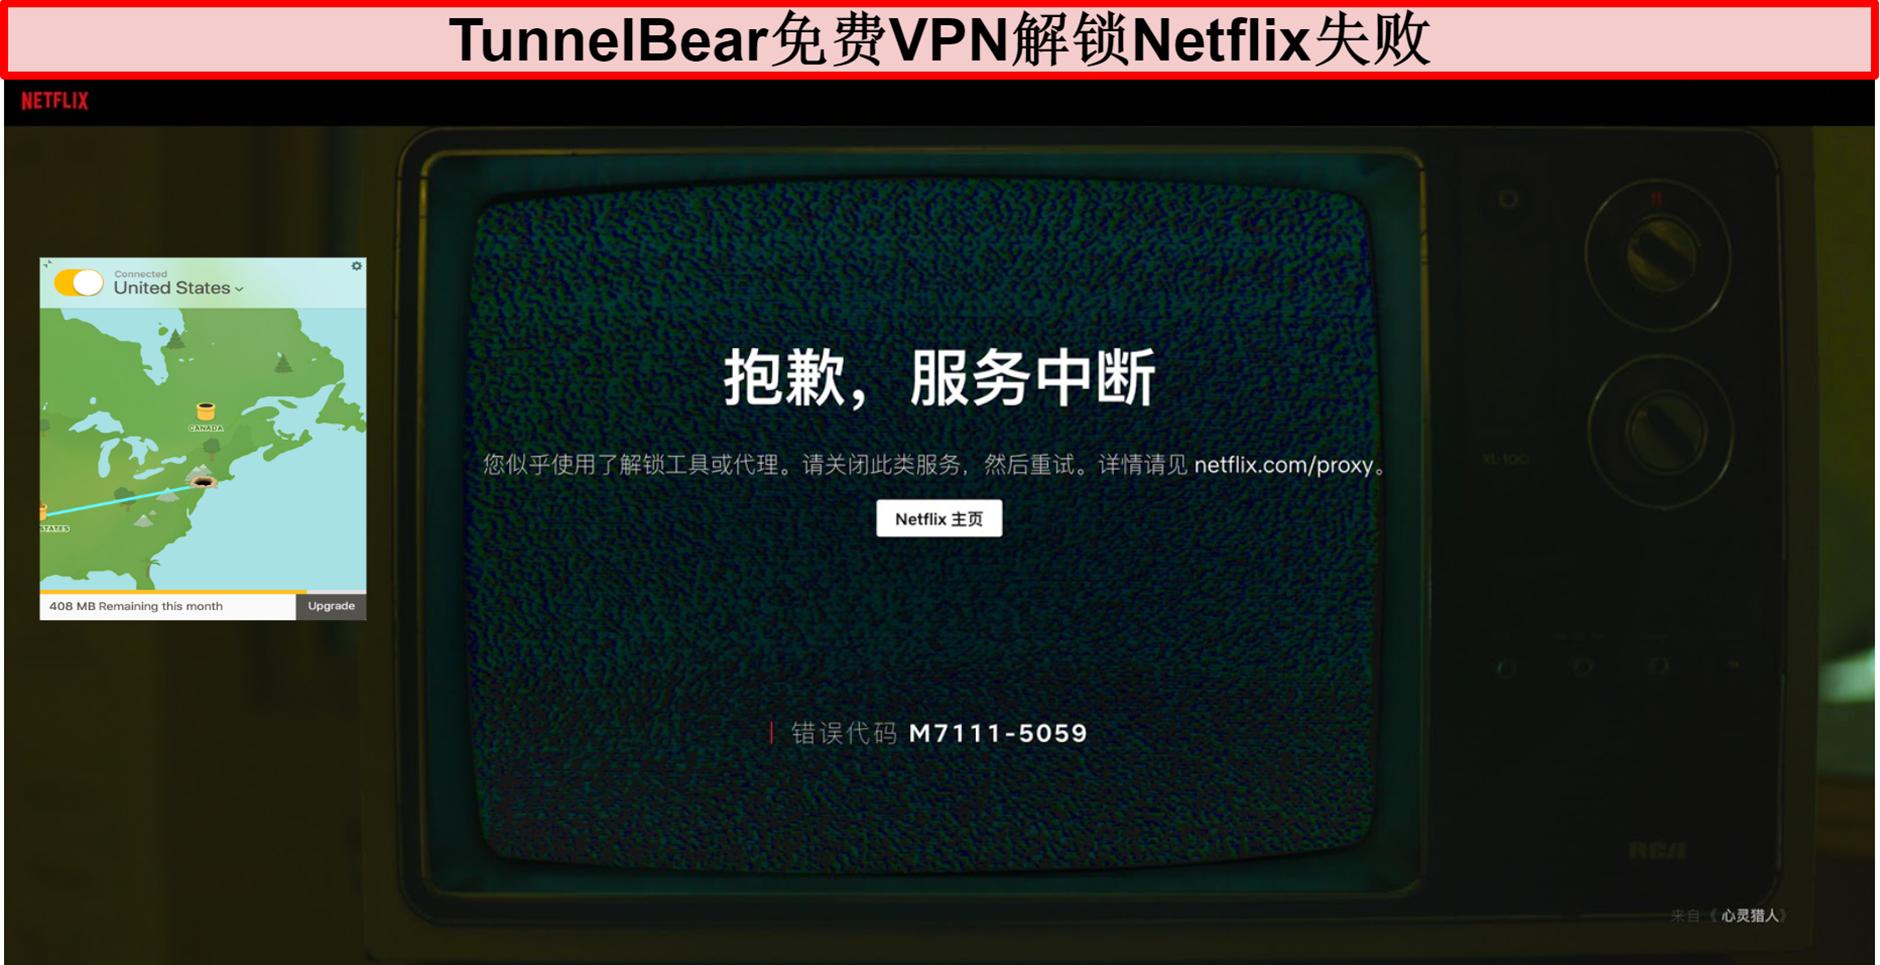 通过Netflix连接到美国的TunnelBear VPN屏幕快照,显示取消阻止程序或代理错误消息